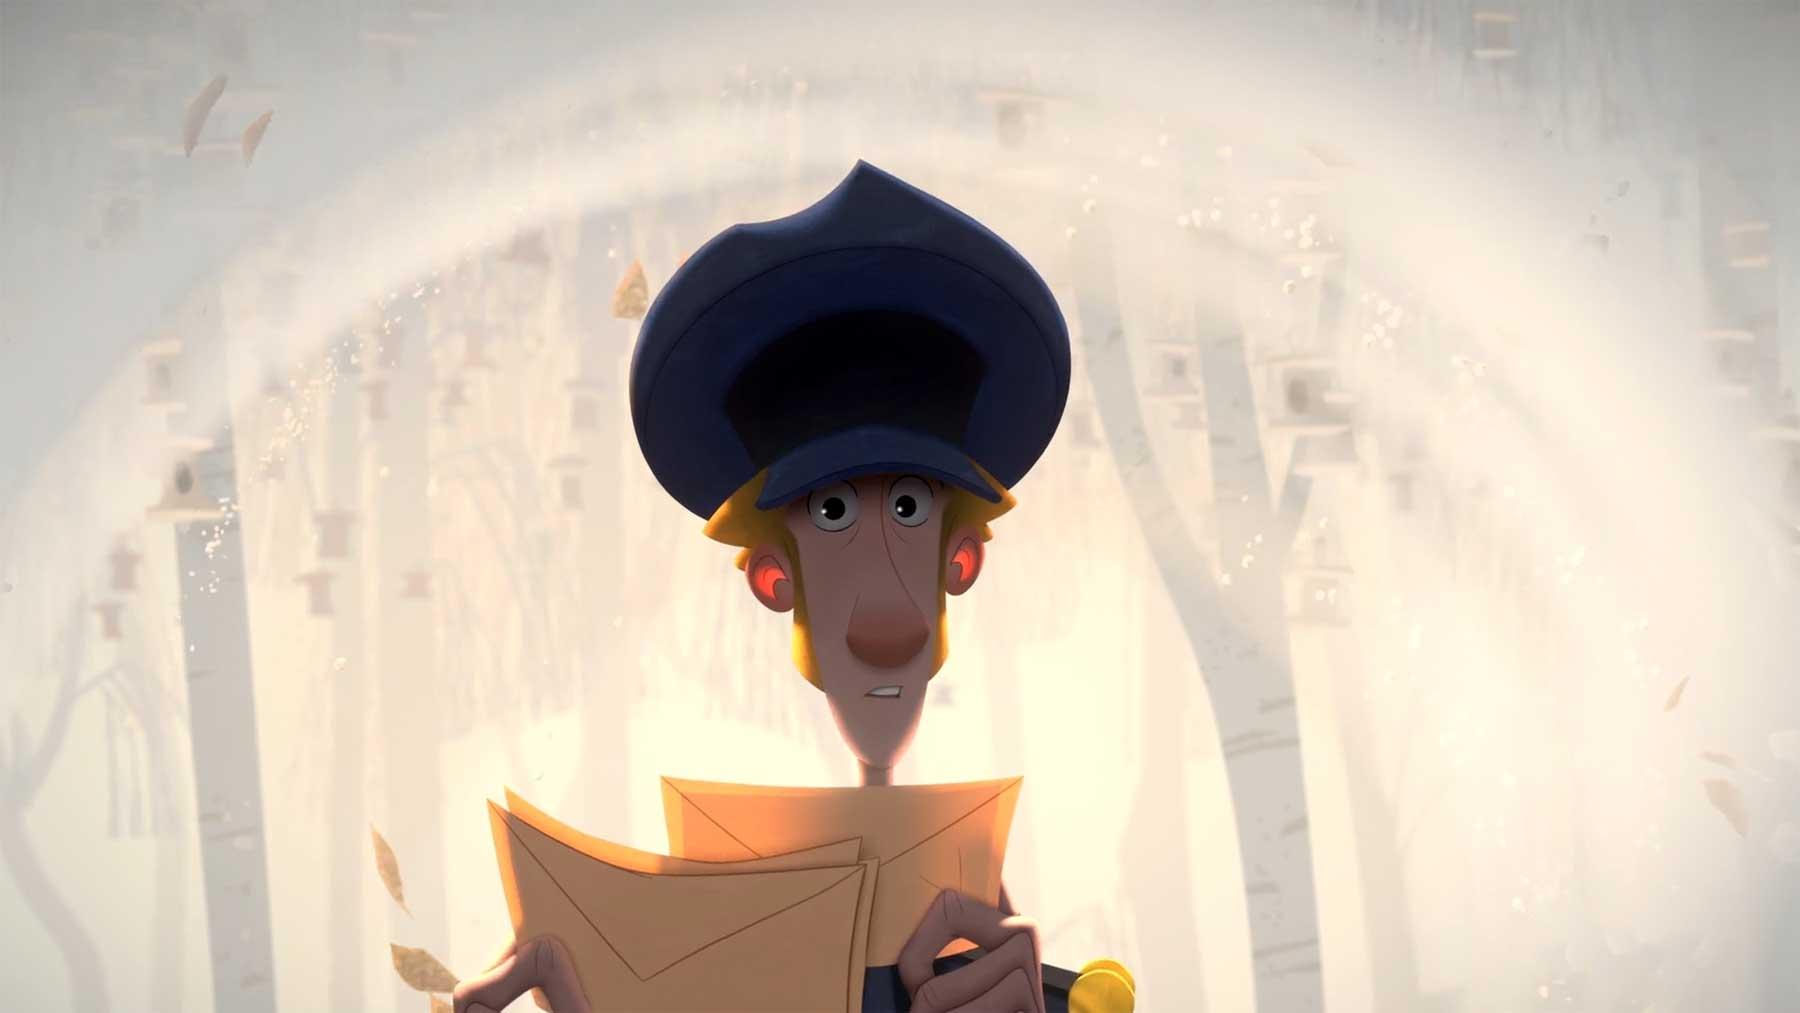 """Trailer: """"Klaus"""" ist ein etwas anderer Weihnachtsfilm klaus-netflix-trailer"""